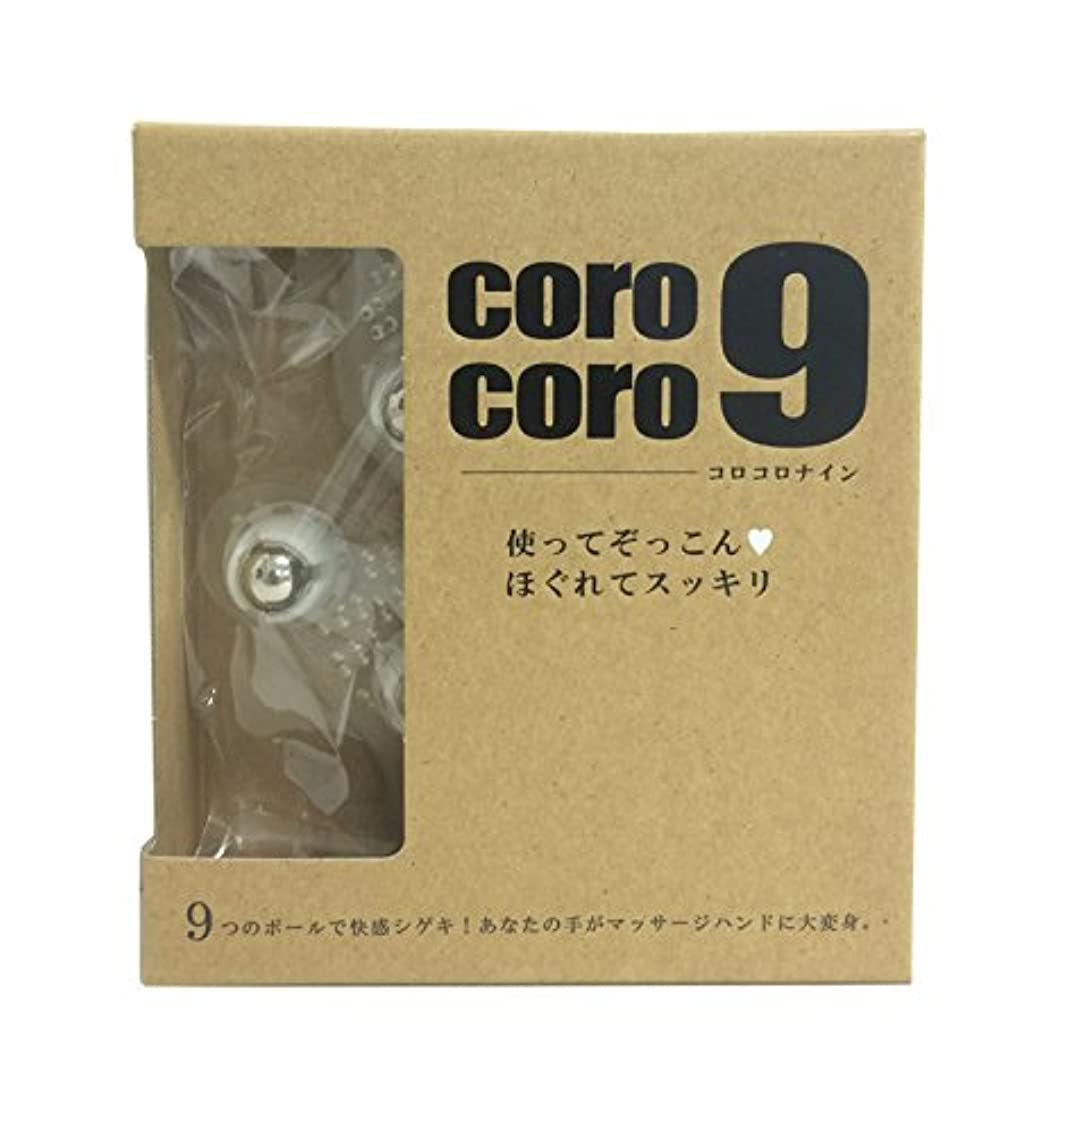 ニュージーランド弓マーチャンダイジングReシリーズ CoroCoro9 クリア